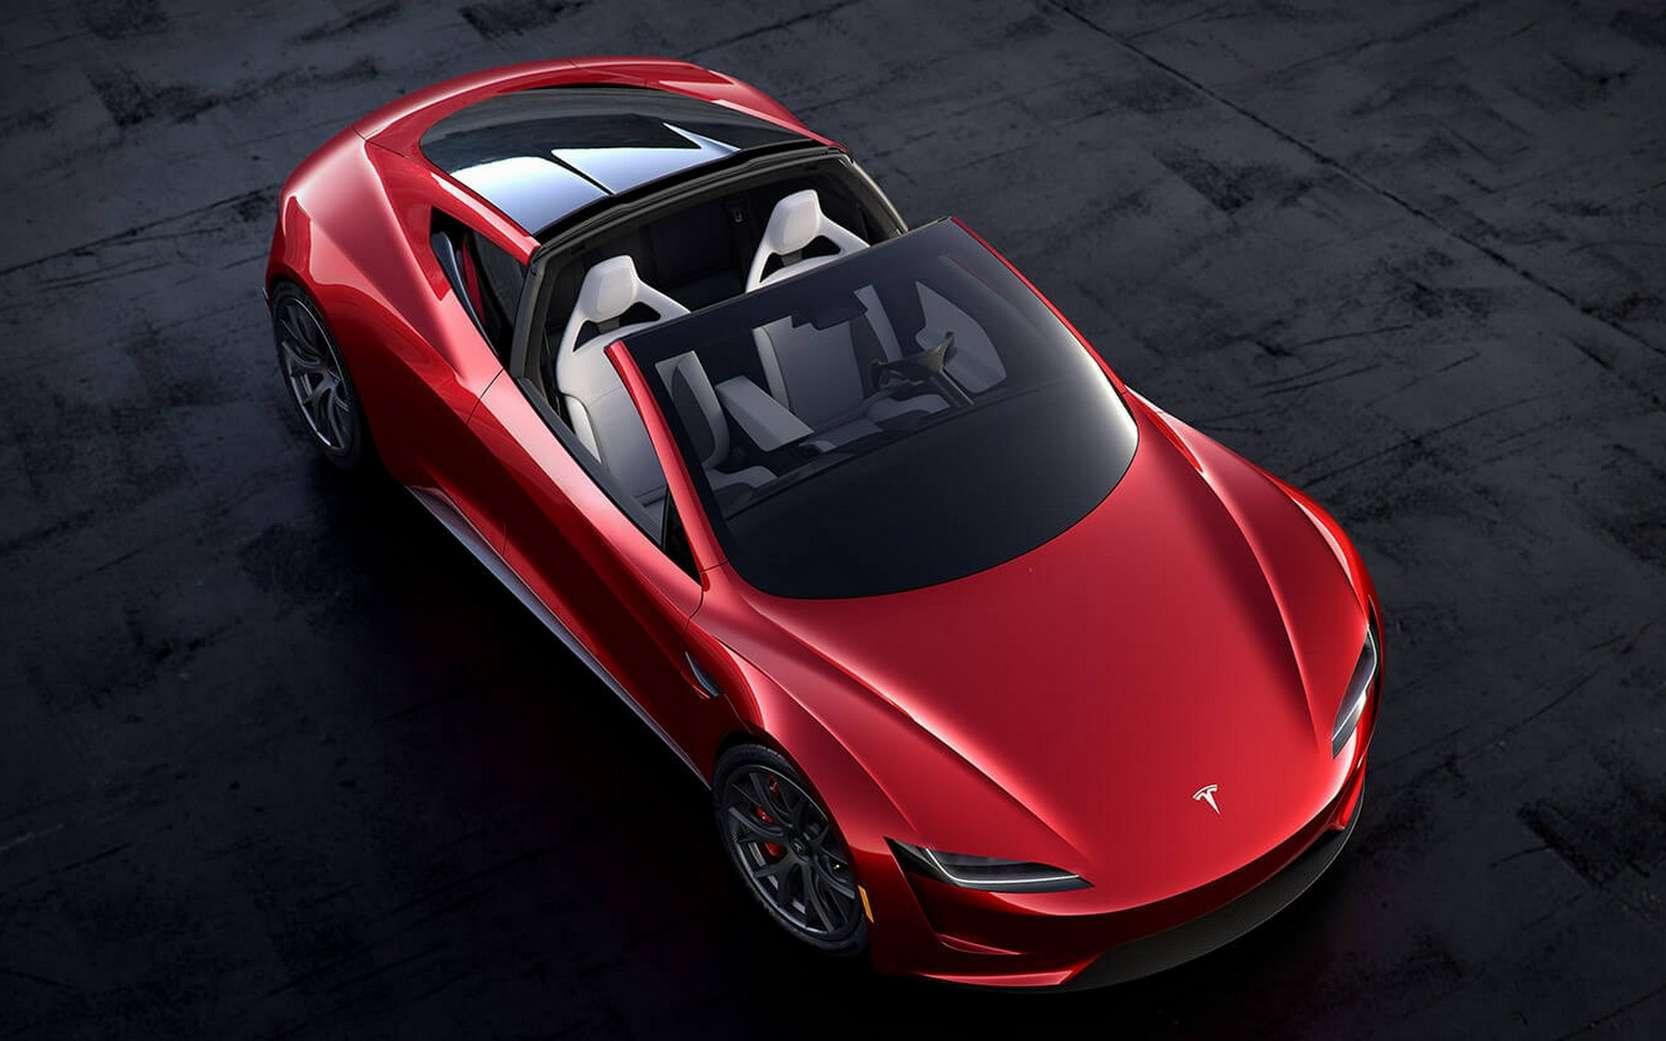 La version de série du Tesla Roadster devrait évoluer par rapport au prototype, a annoncé Elon Musk. © Tesla